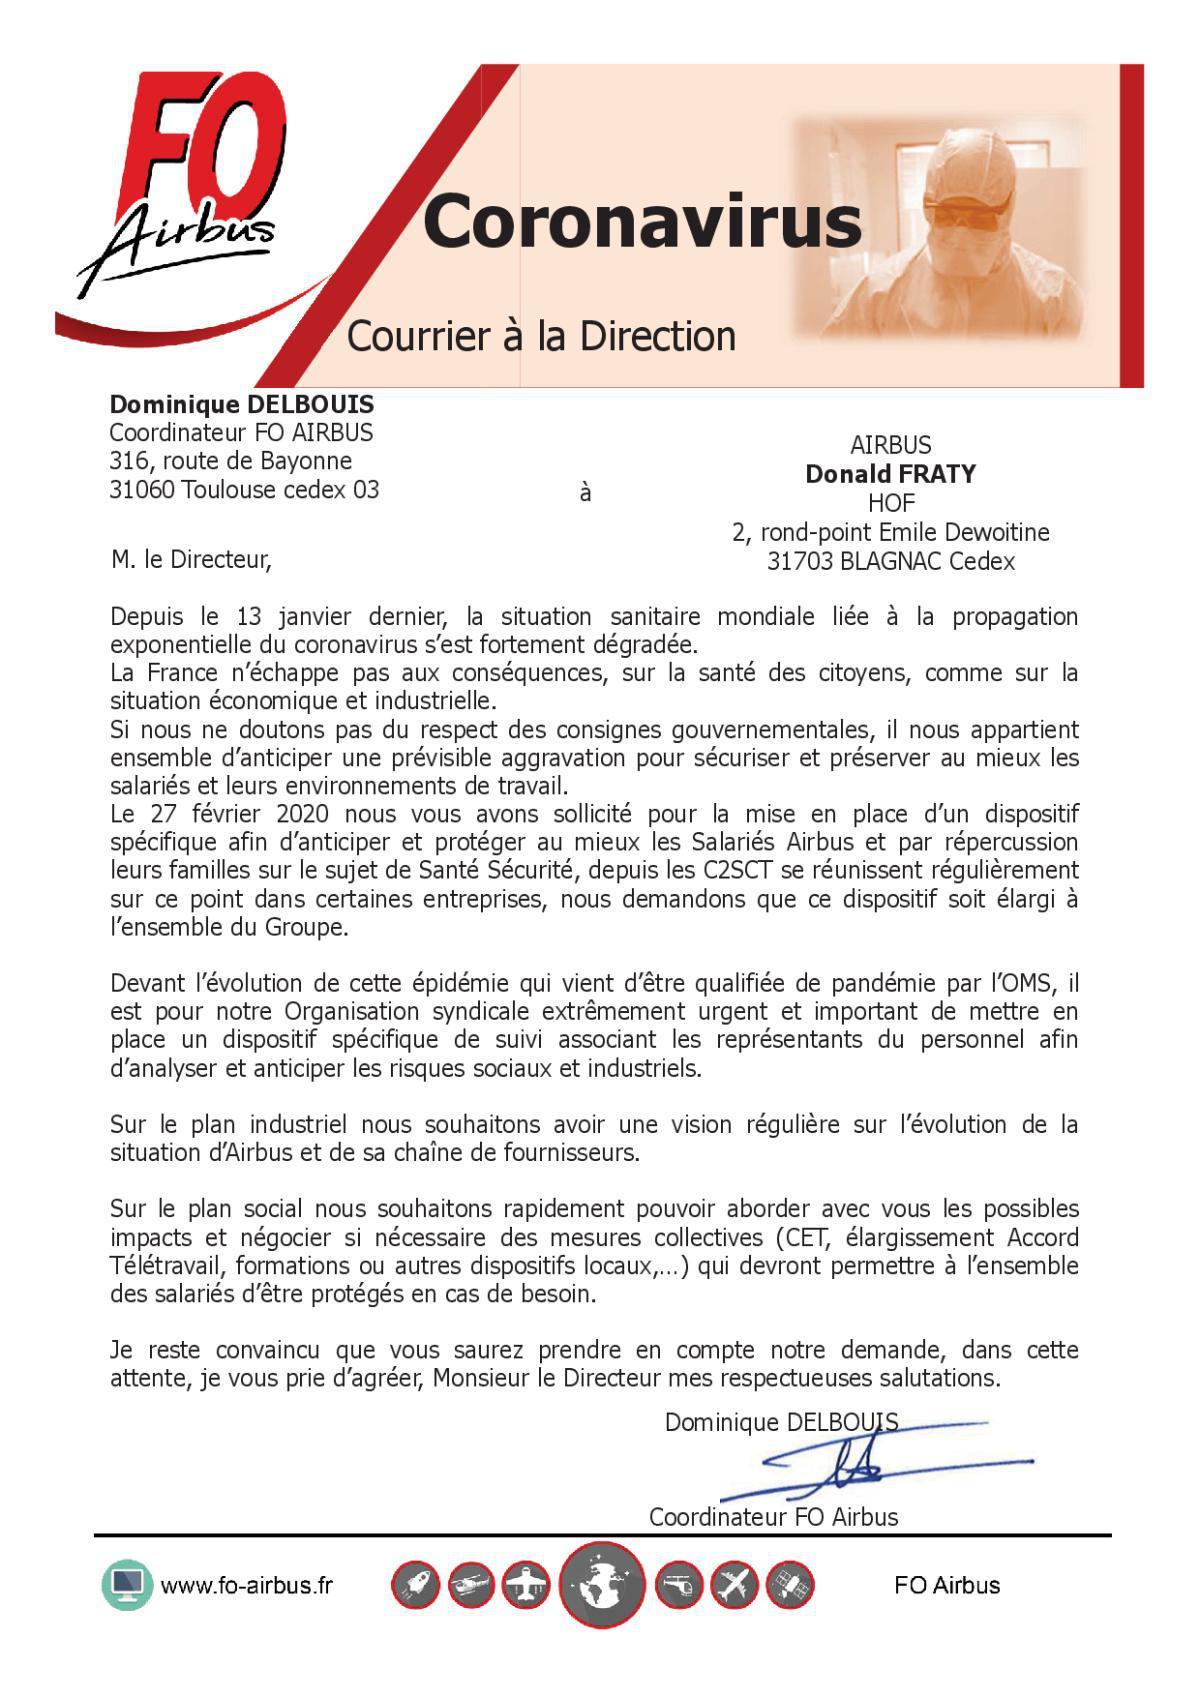 Coronavirus - Courrier à la Direction